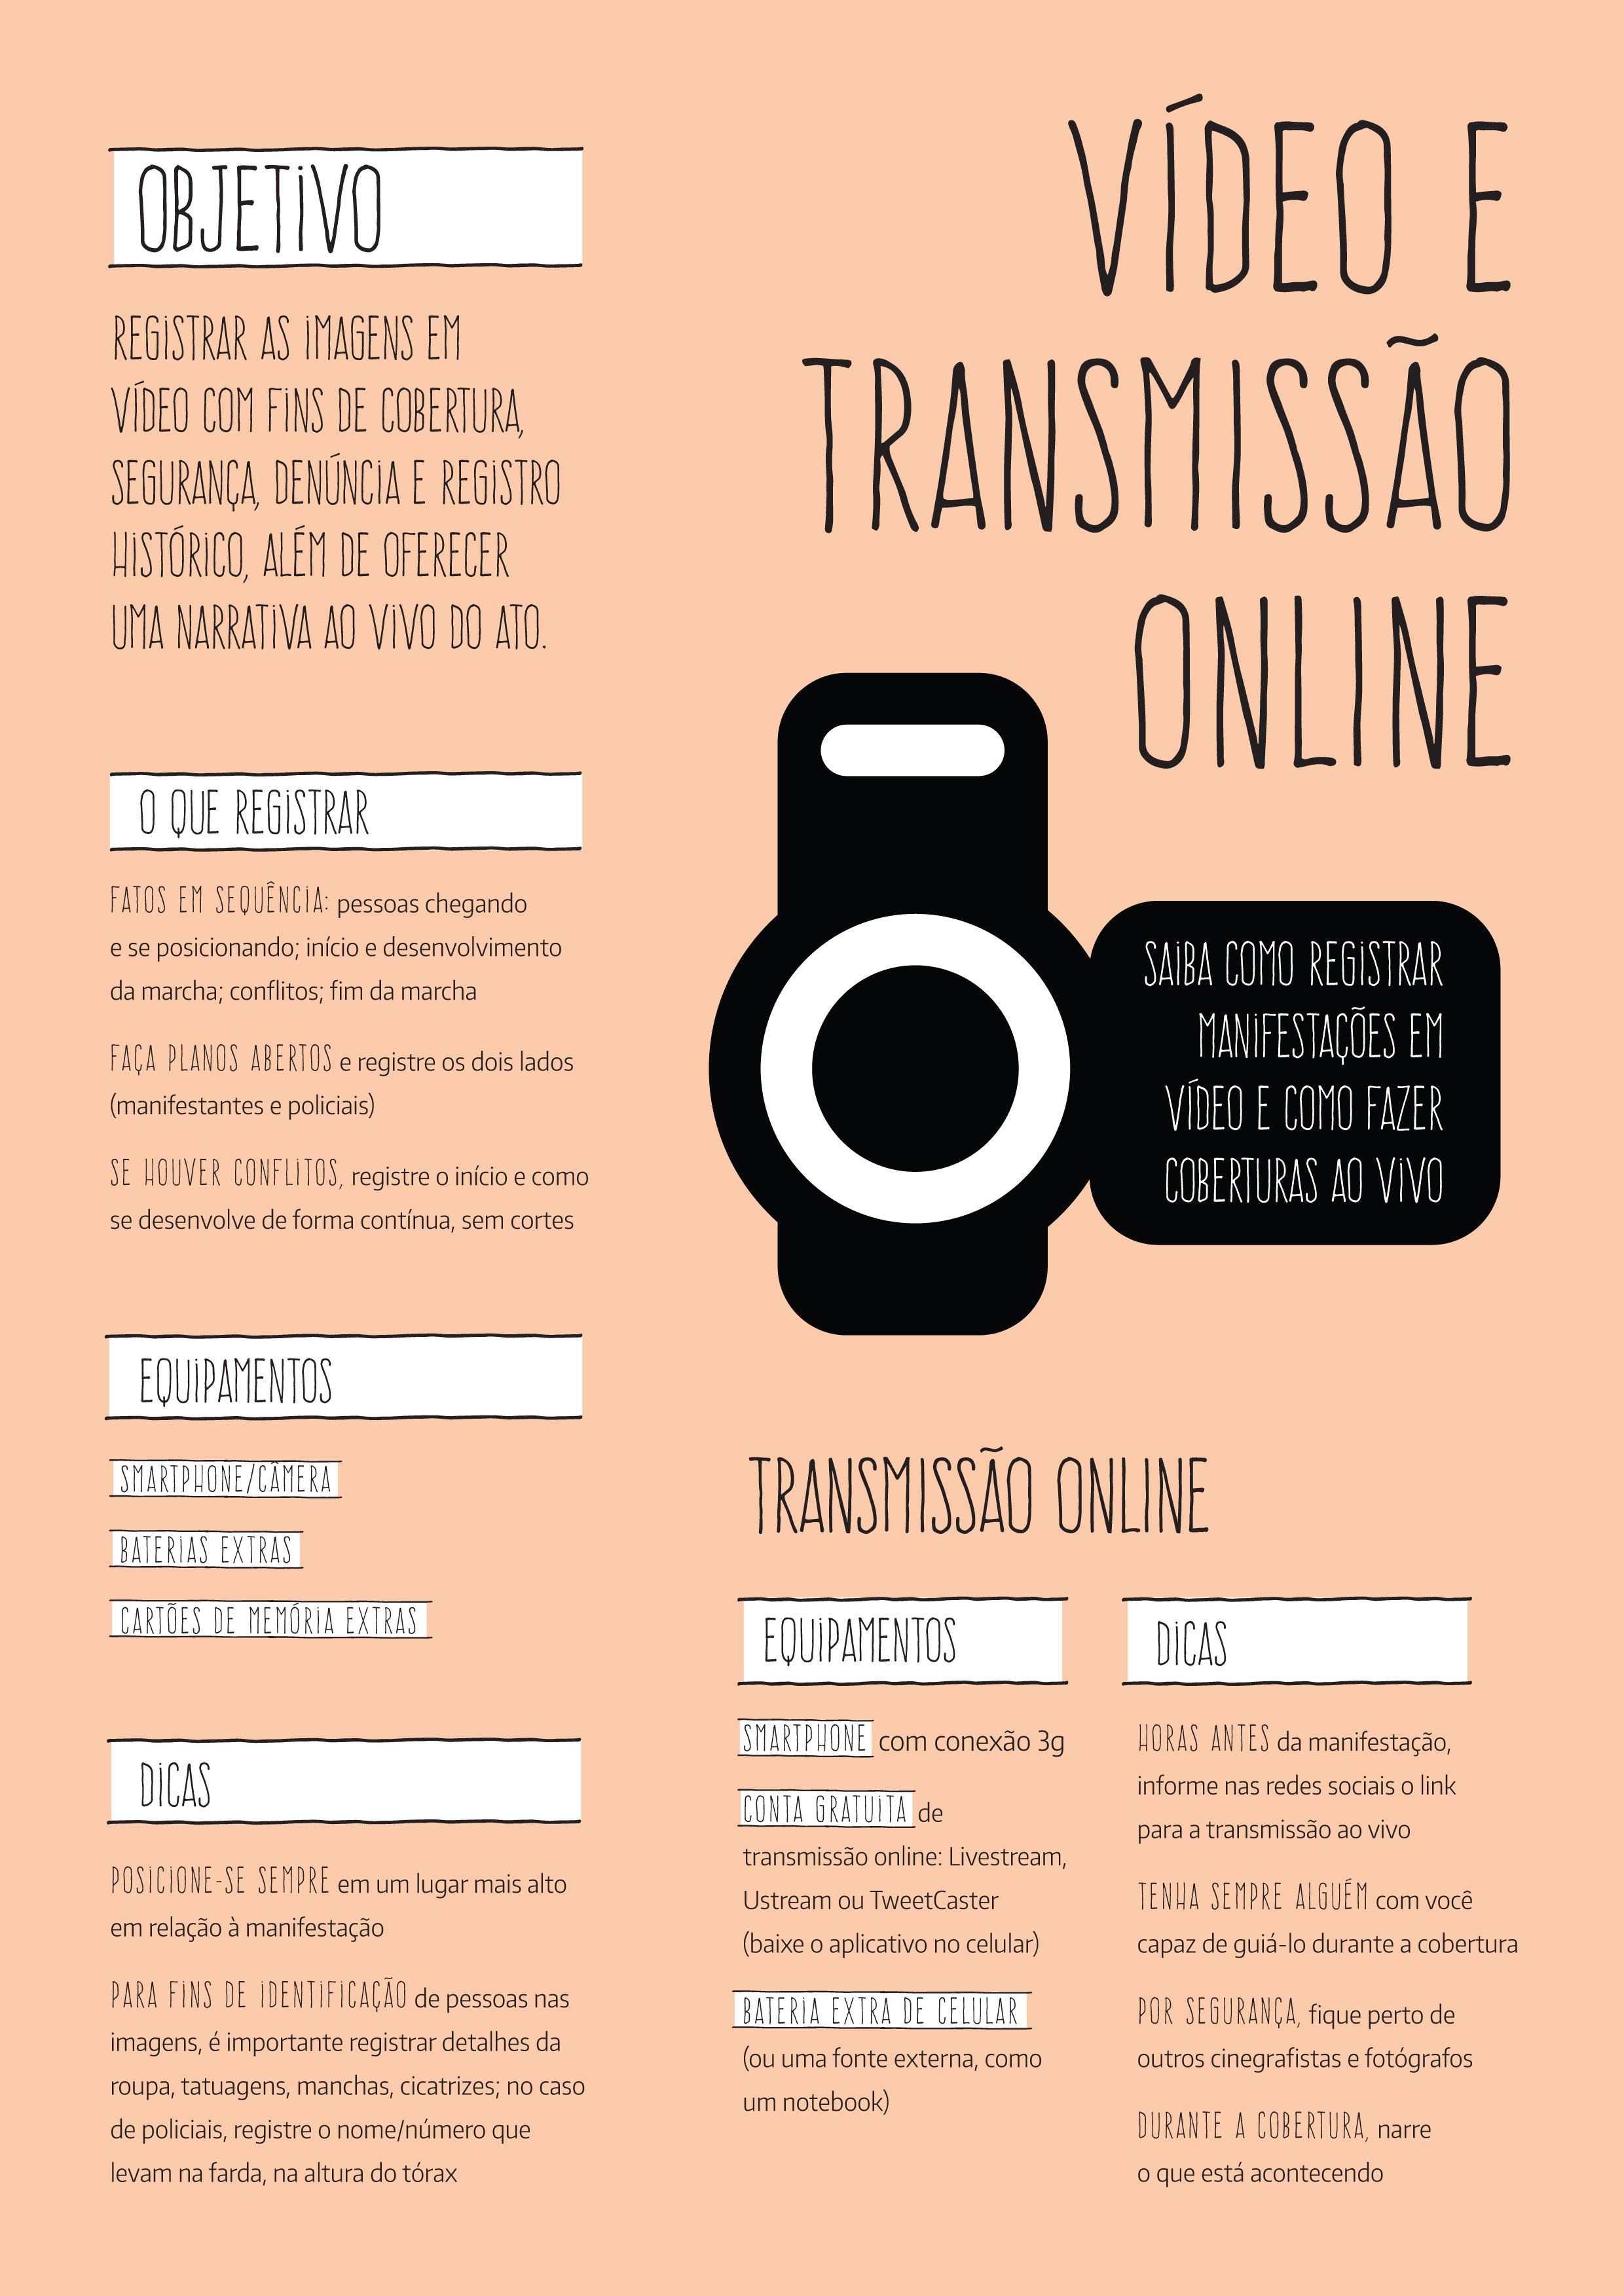 Vídeo e Transmissão Online